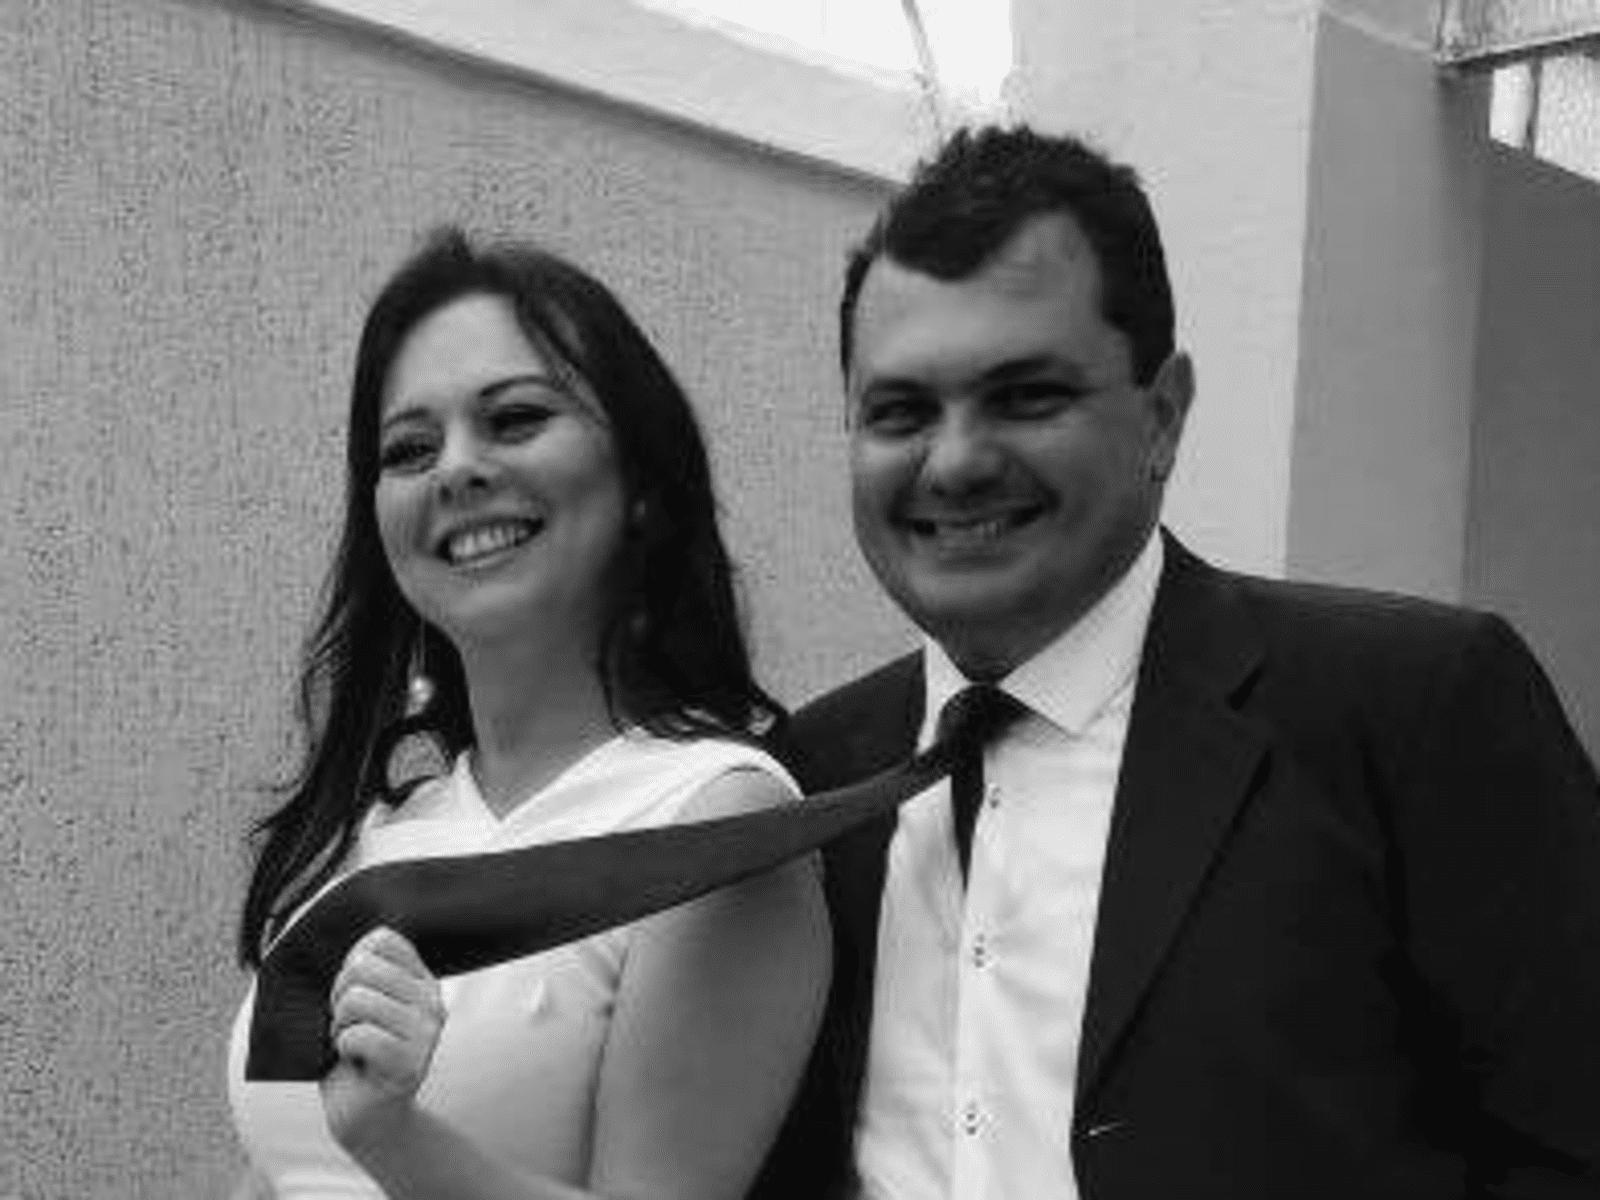 Ricardo & Vanessa from Campos dos Goytacazes, Brazil